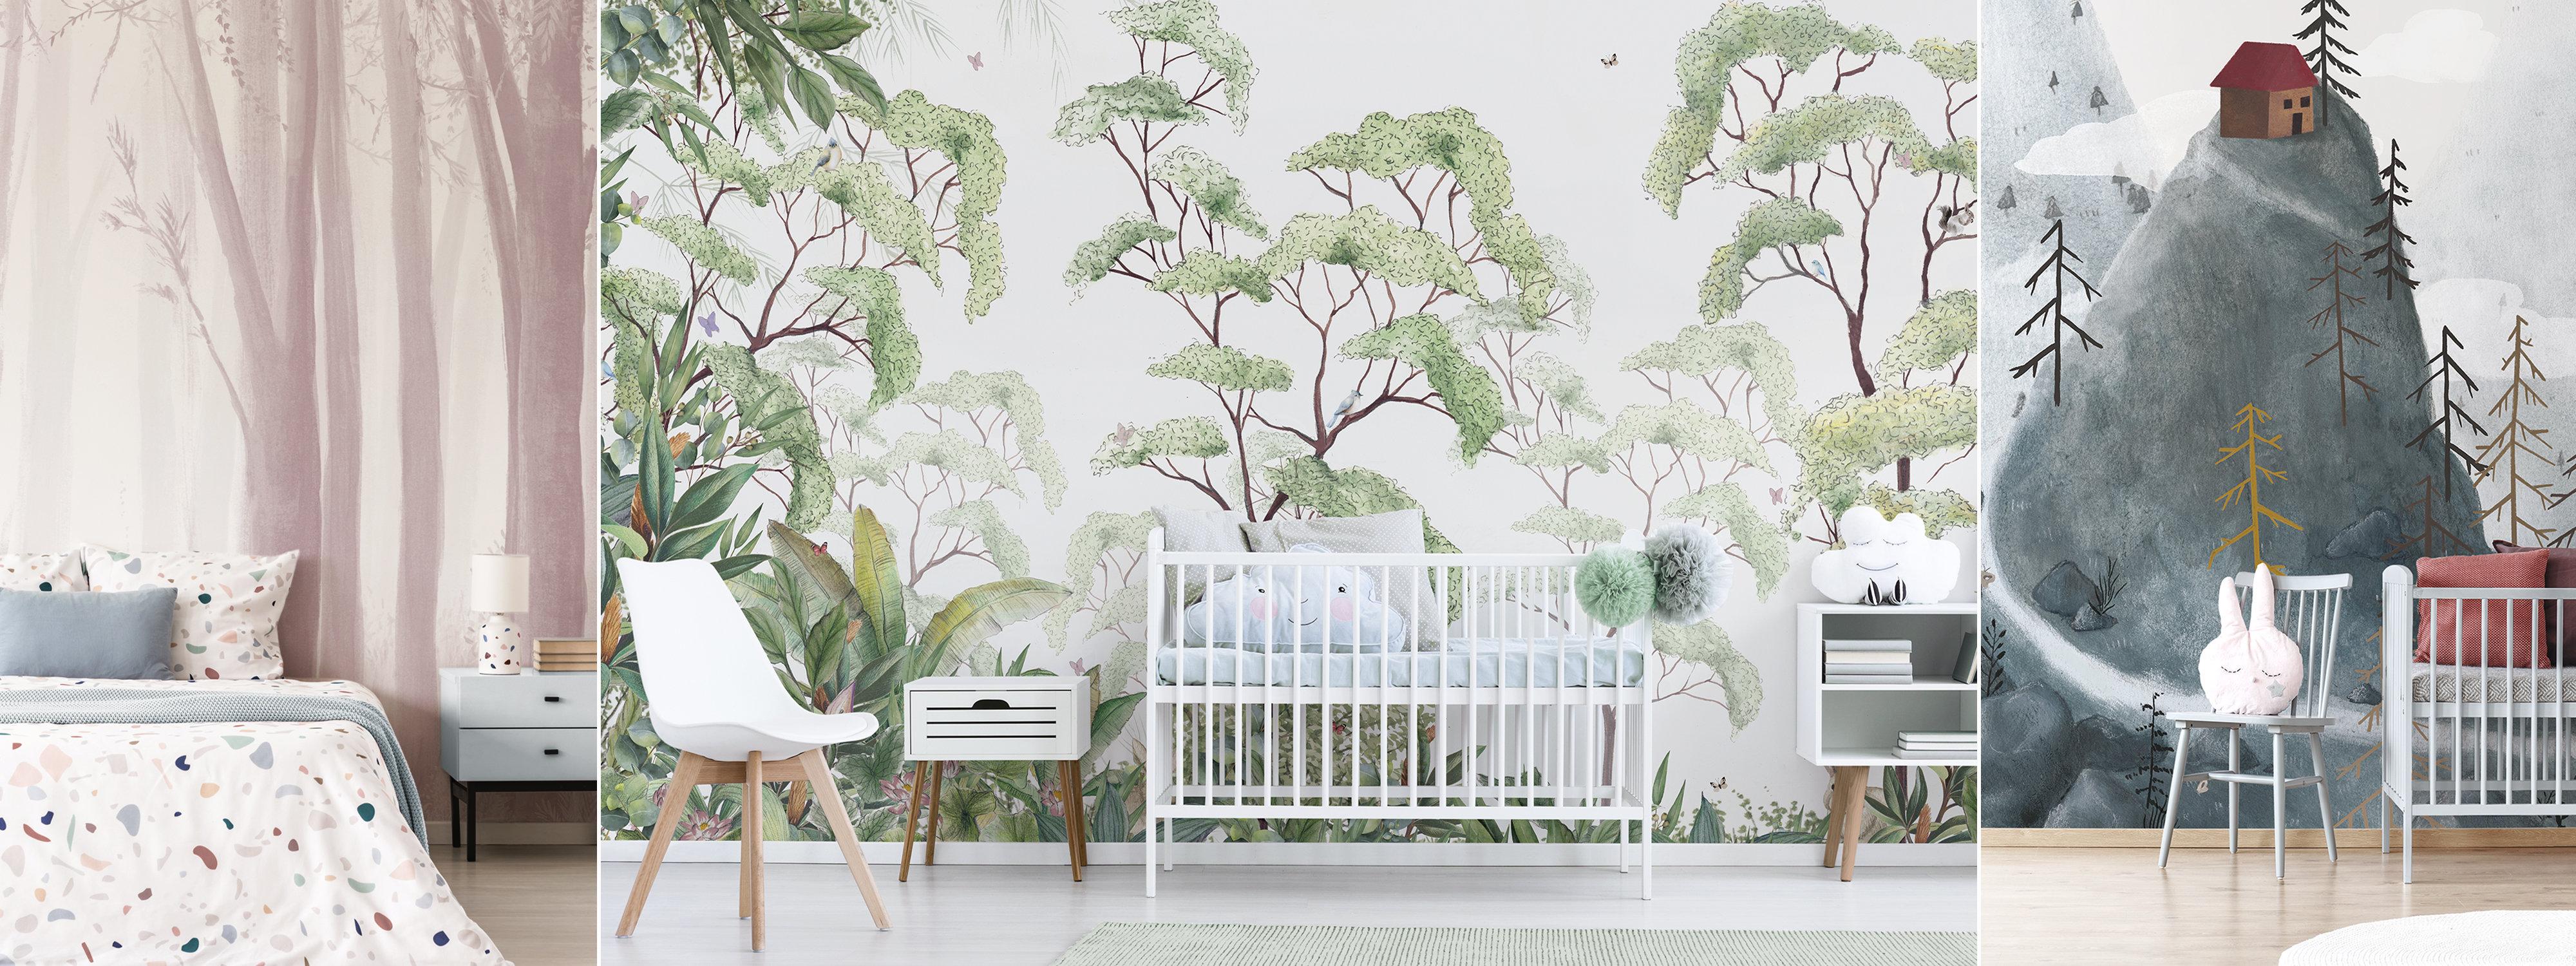 Dekorative Wandtattoos Ideen für das Innendesign